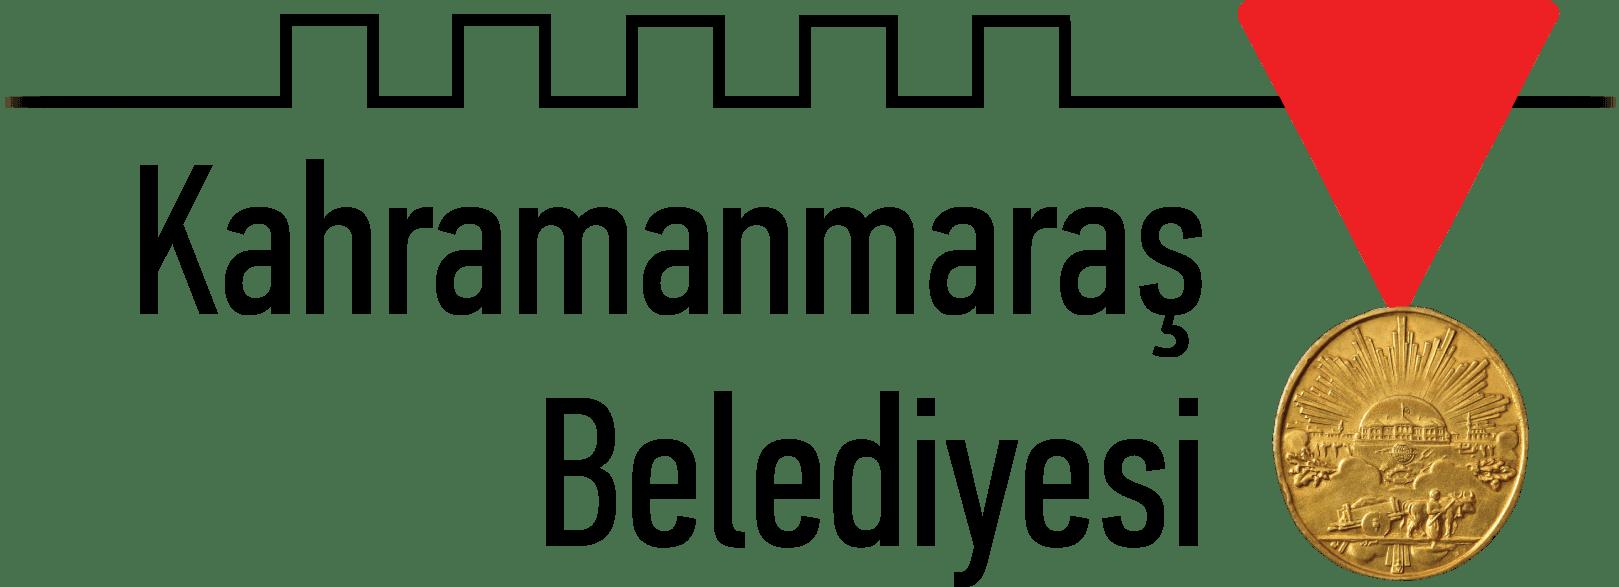 kahramanmaras-buyuksehir-belediyesi-logo